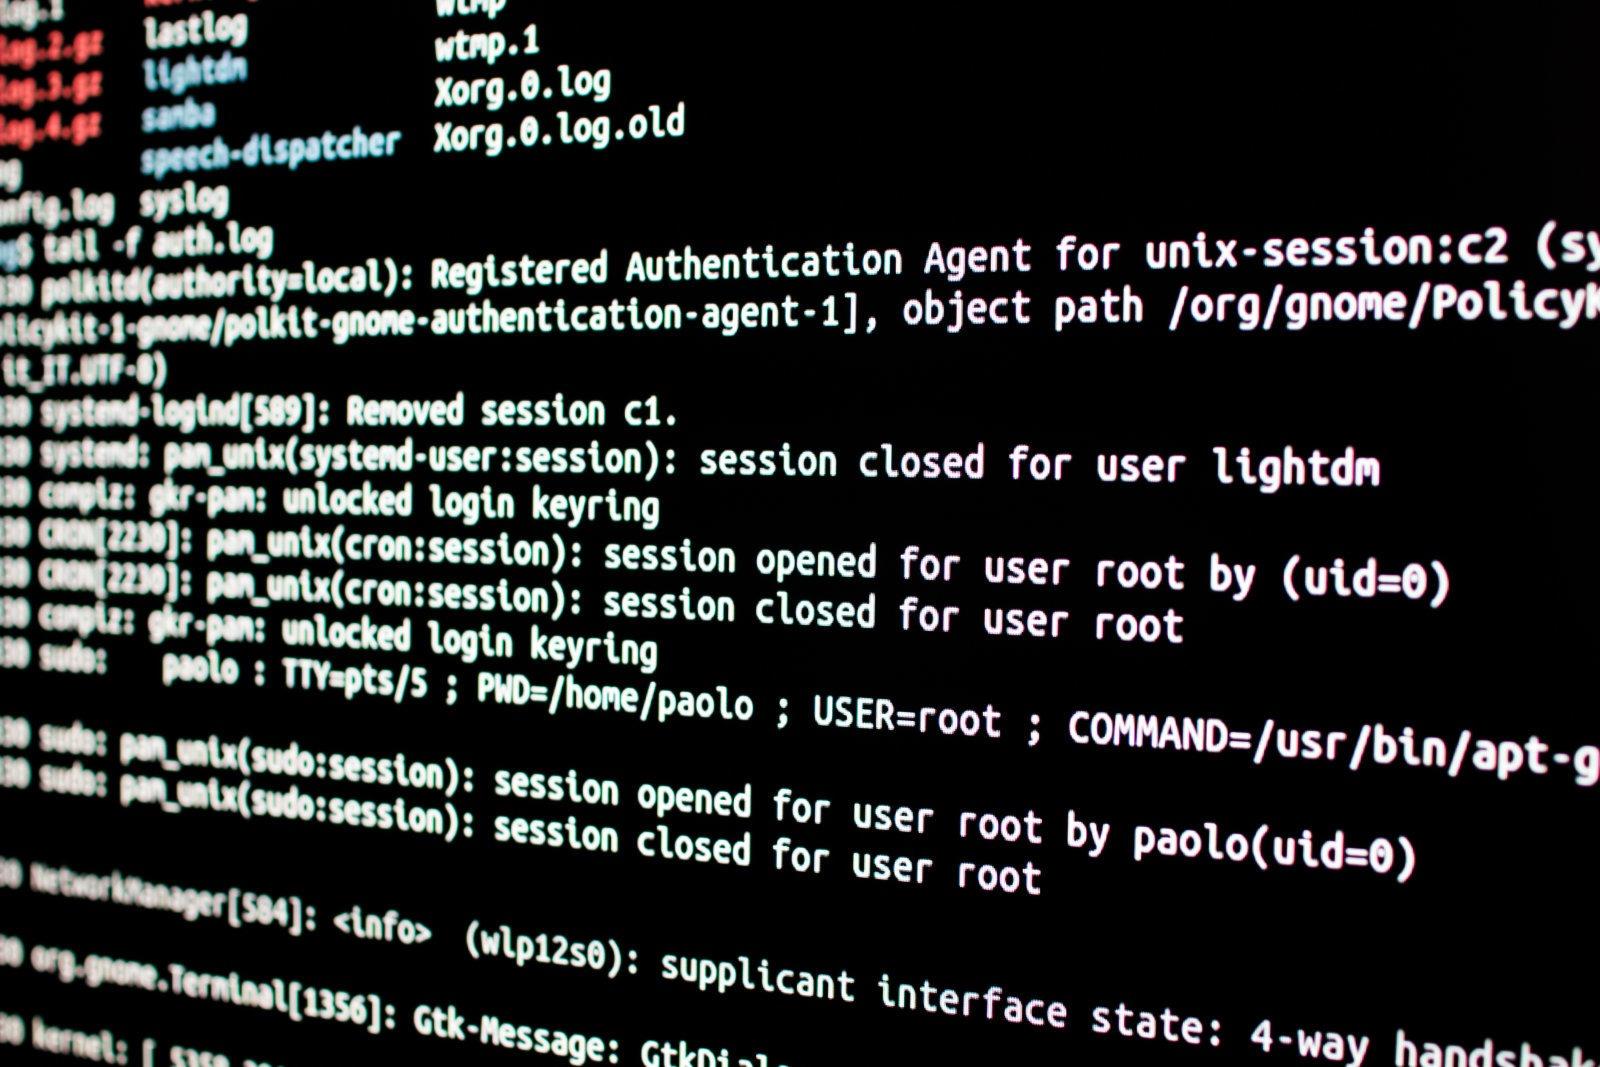 Một trong những lệnh quan trọng bậc nhất trên Linux đang tồn tại một lỗ hổng bảo mật